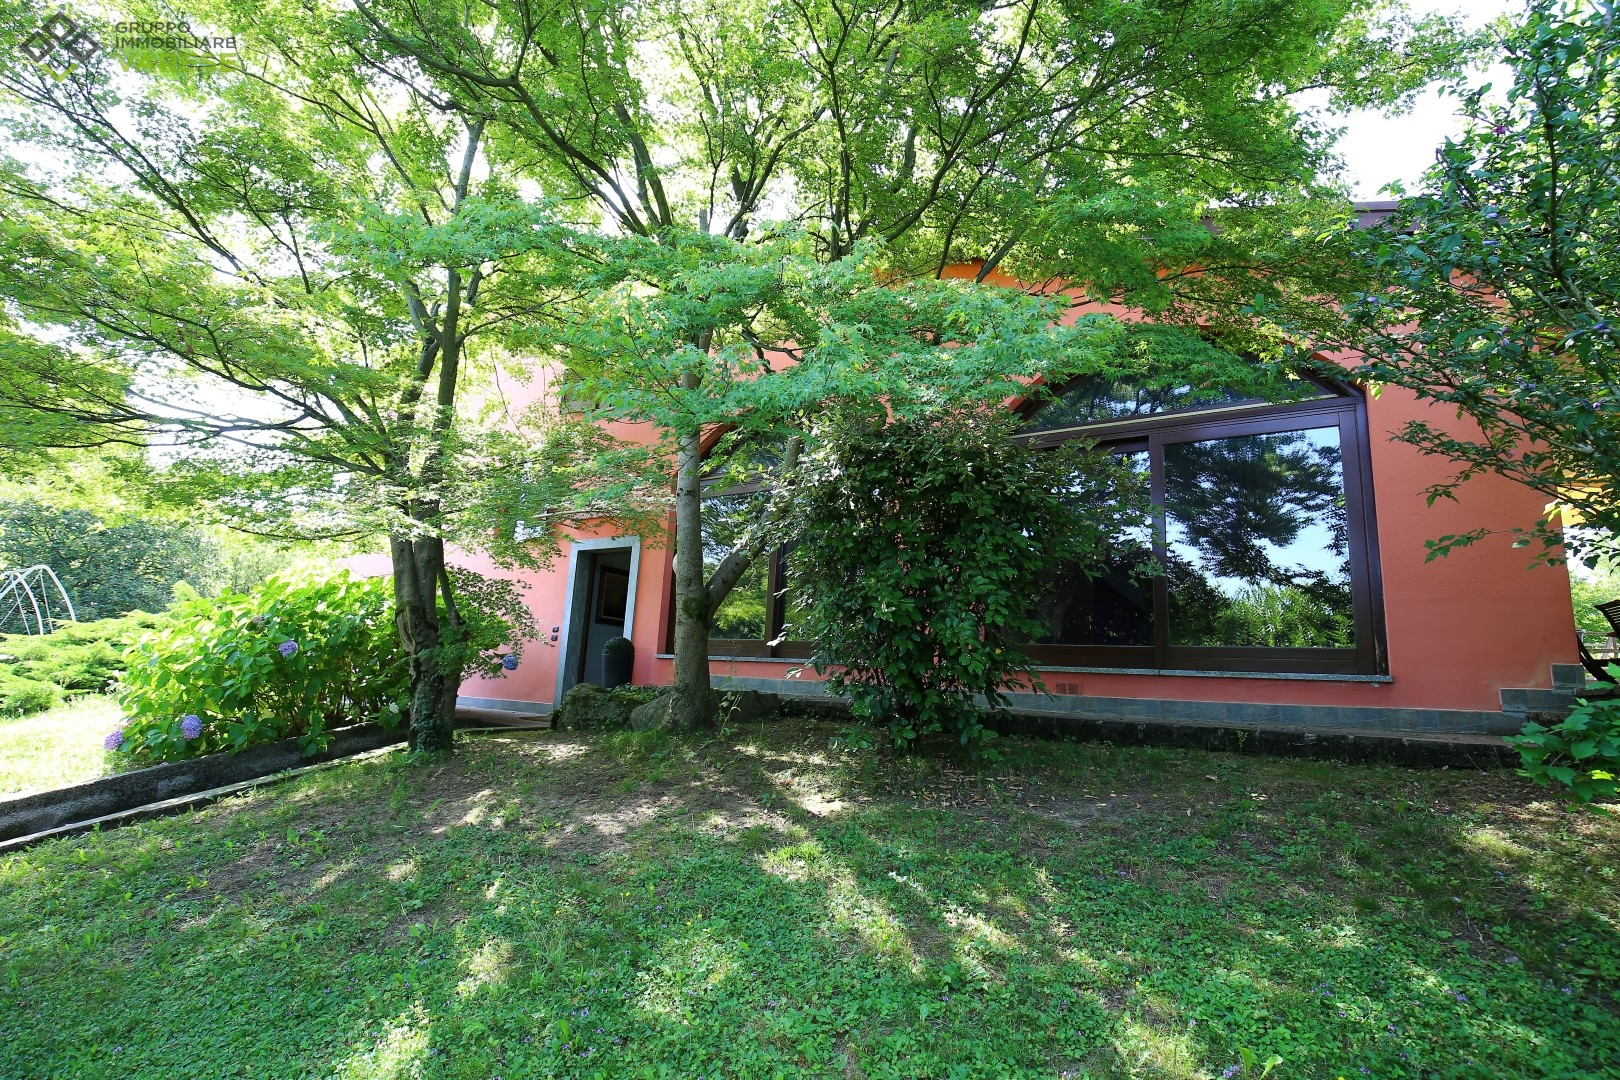 Villa in vendita a Bodio Lomnago, 9 locali, zona Zona: Bodio, prezzo € 690.000 | CambioCasa.it